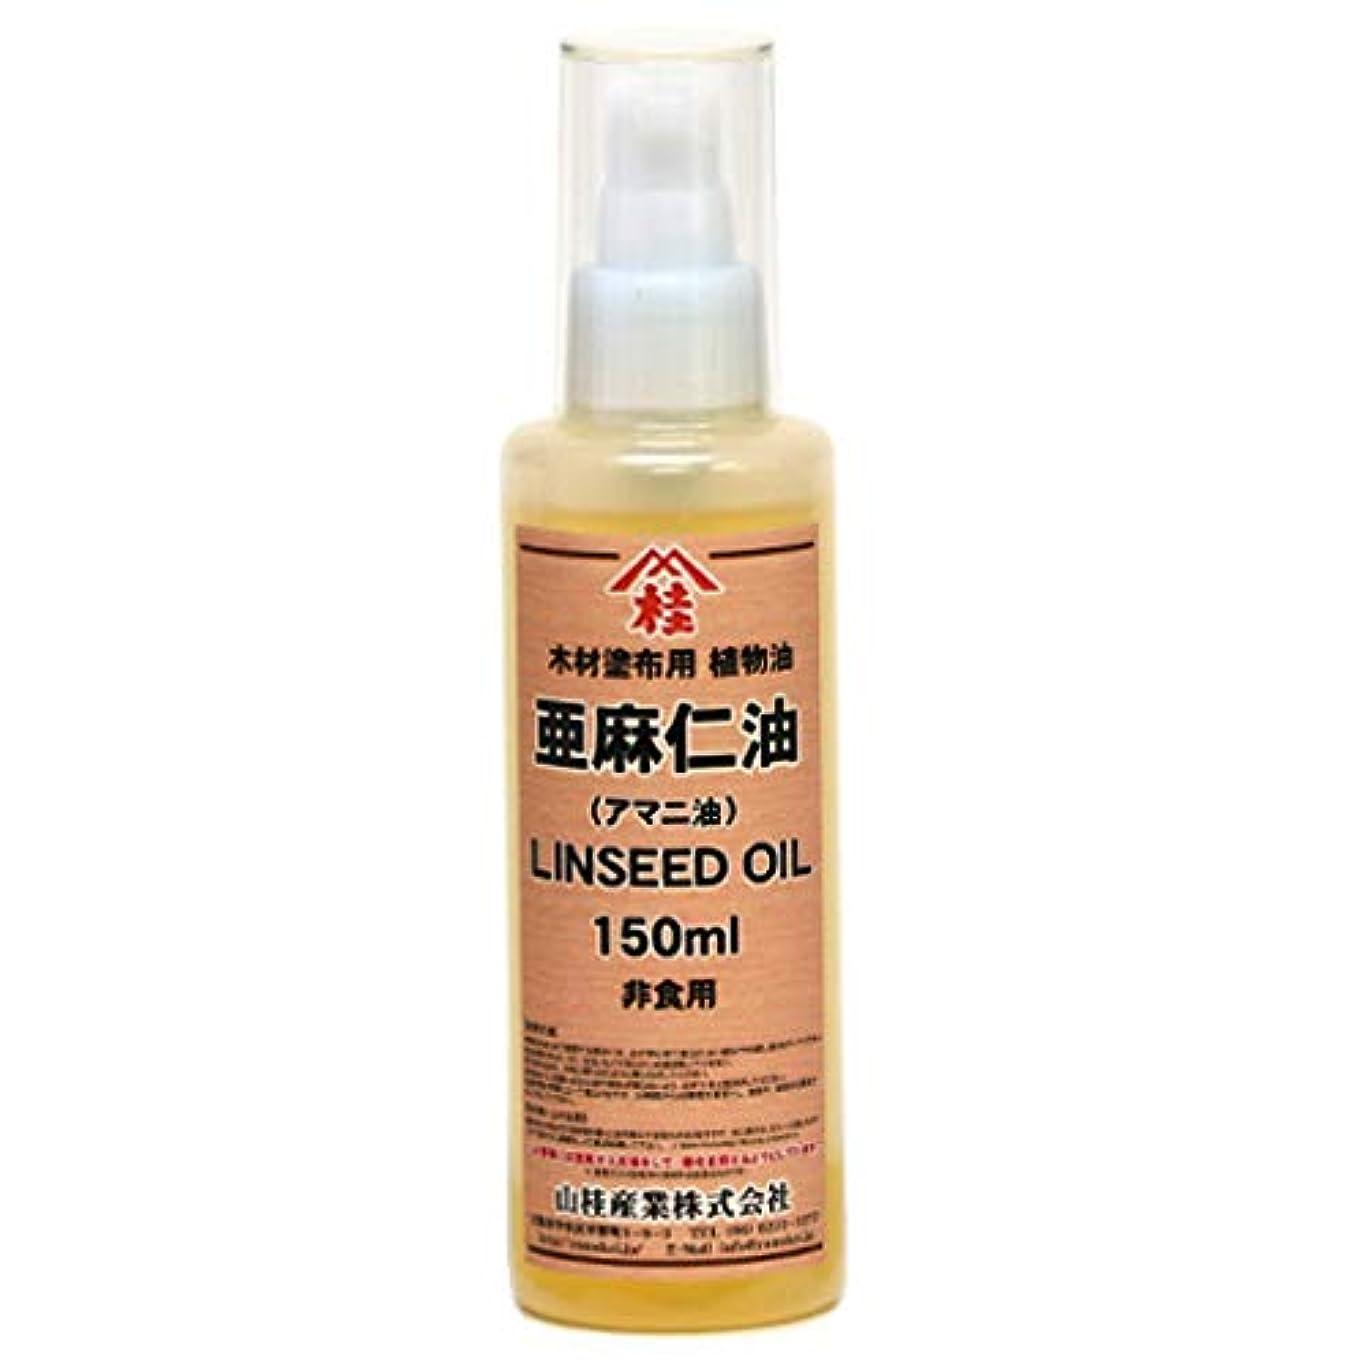 クランププレート暗殺者亜麻仁油(木工用) 150ml (酸化防止容器プッシュポンプ)